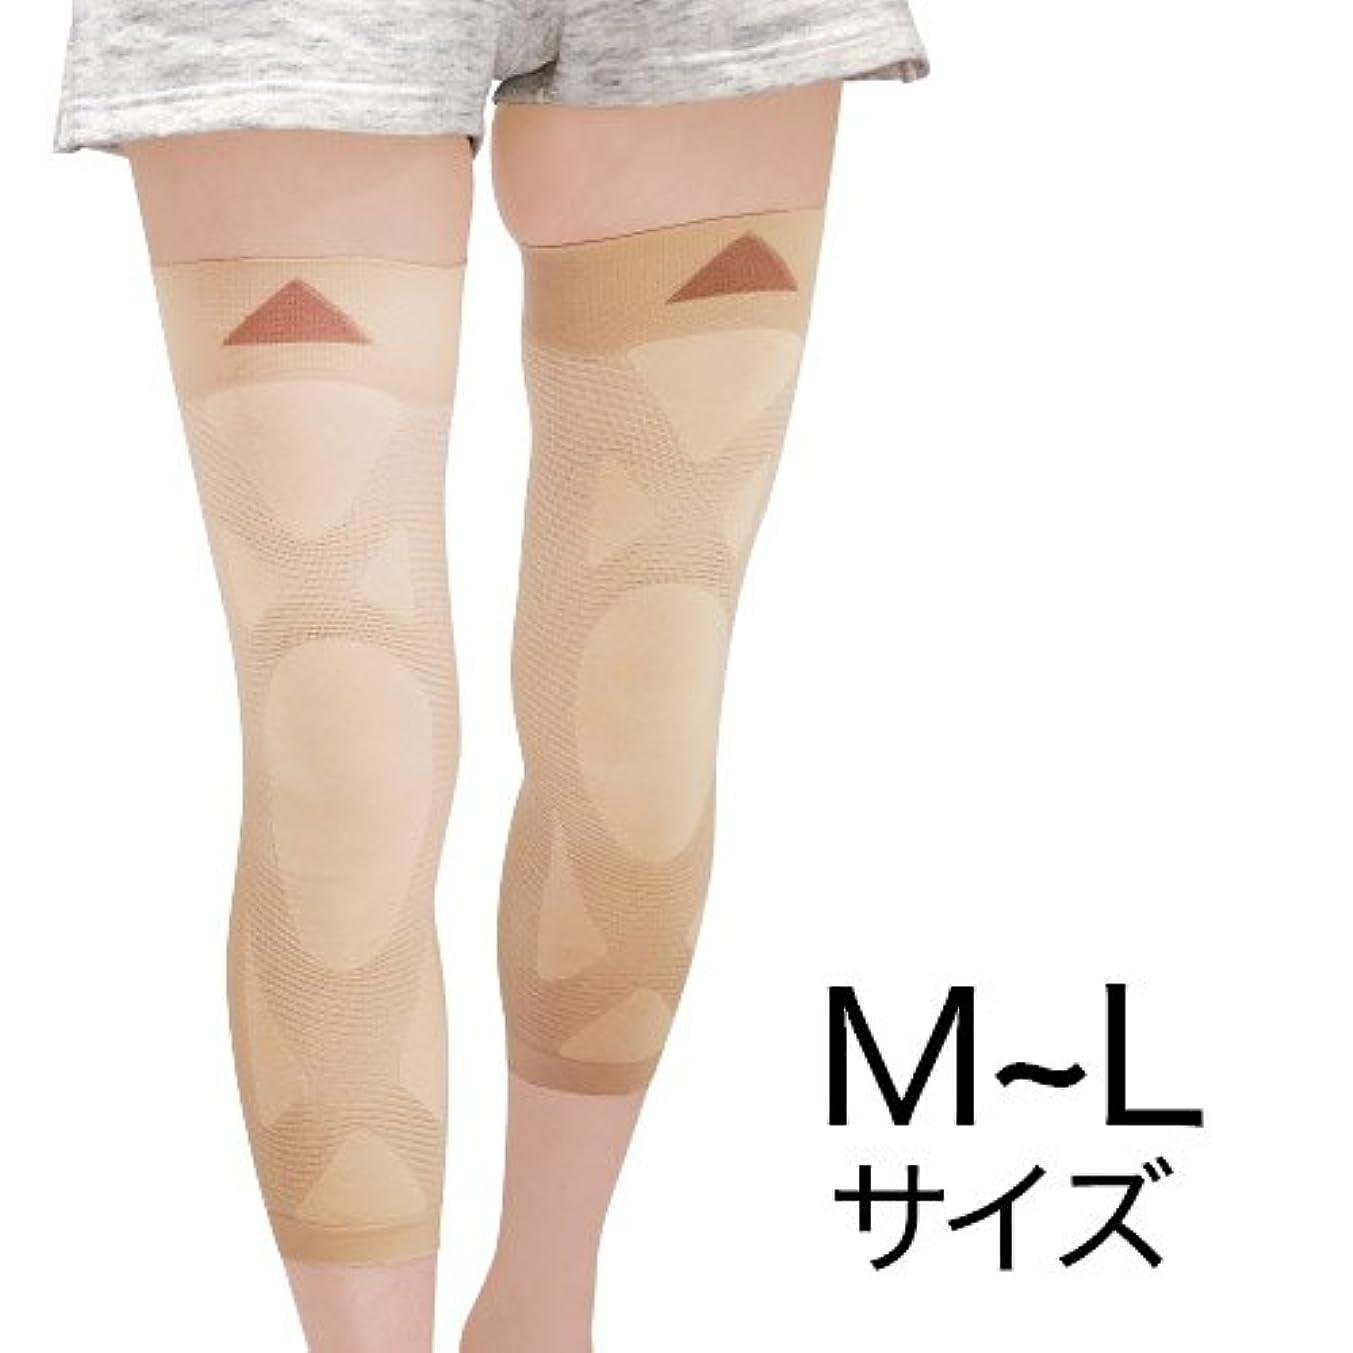 安息ロゴ推進力ナチュラルガーデン 膝楽サポーター M~L(左右共通2枚組)